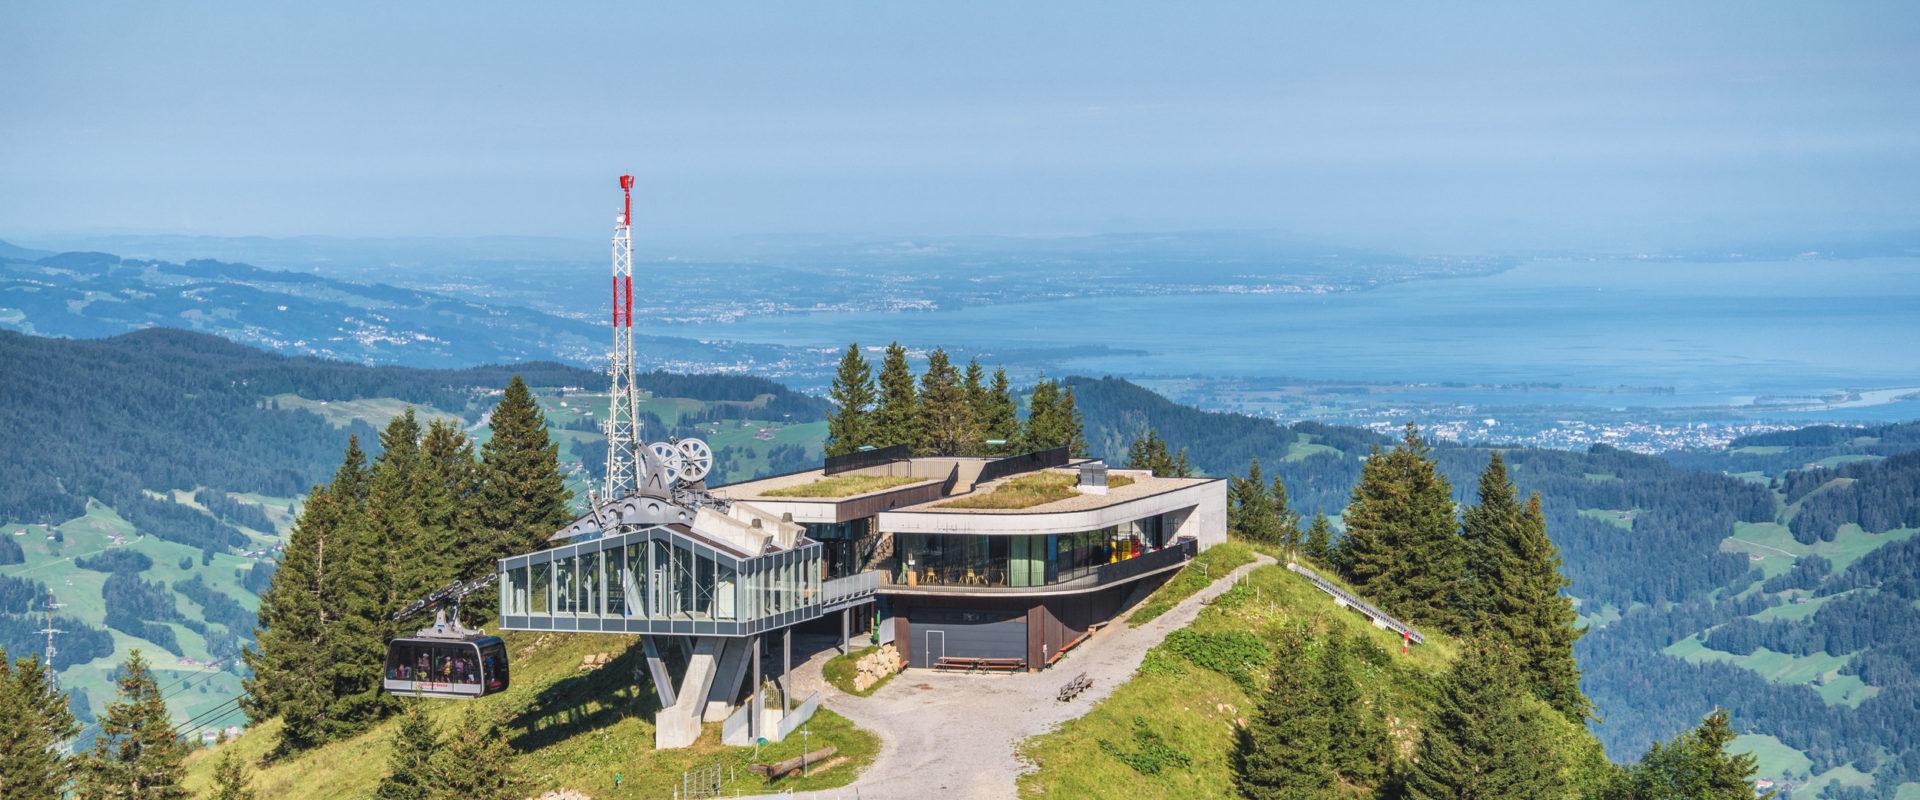 Bergstation Baumgarten Seilbahn Bezau mit Bodensee Sommer © Michael Meusburger undefined